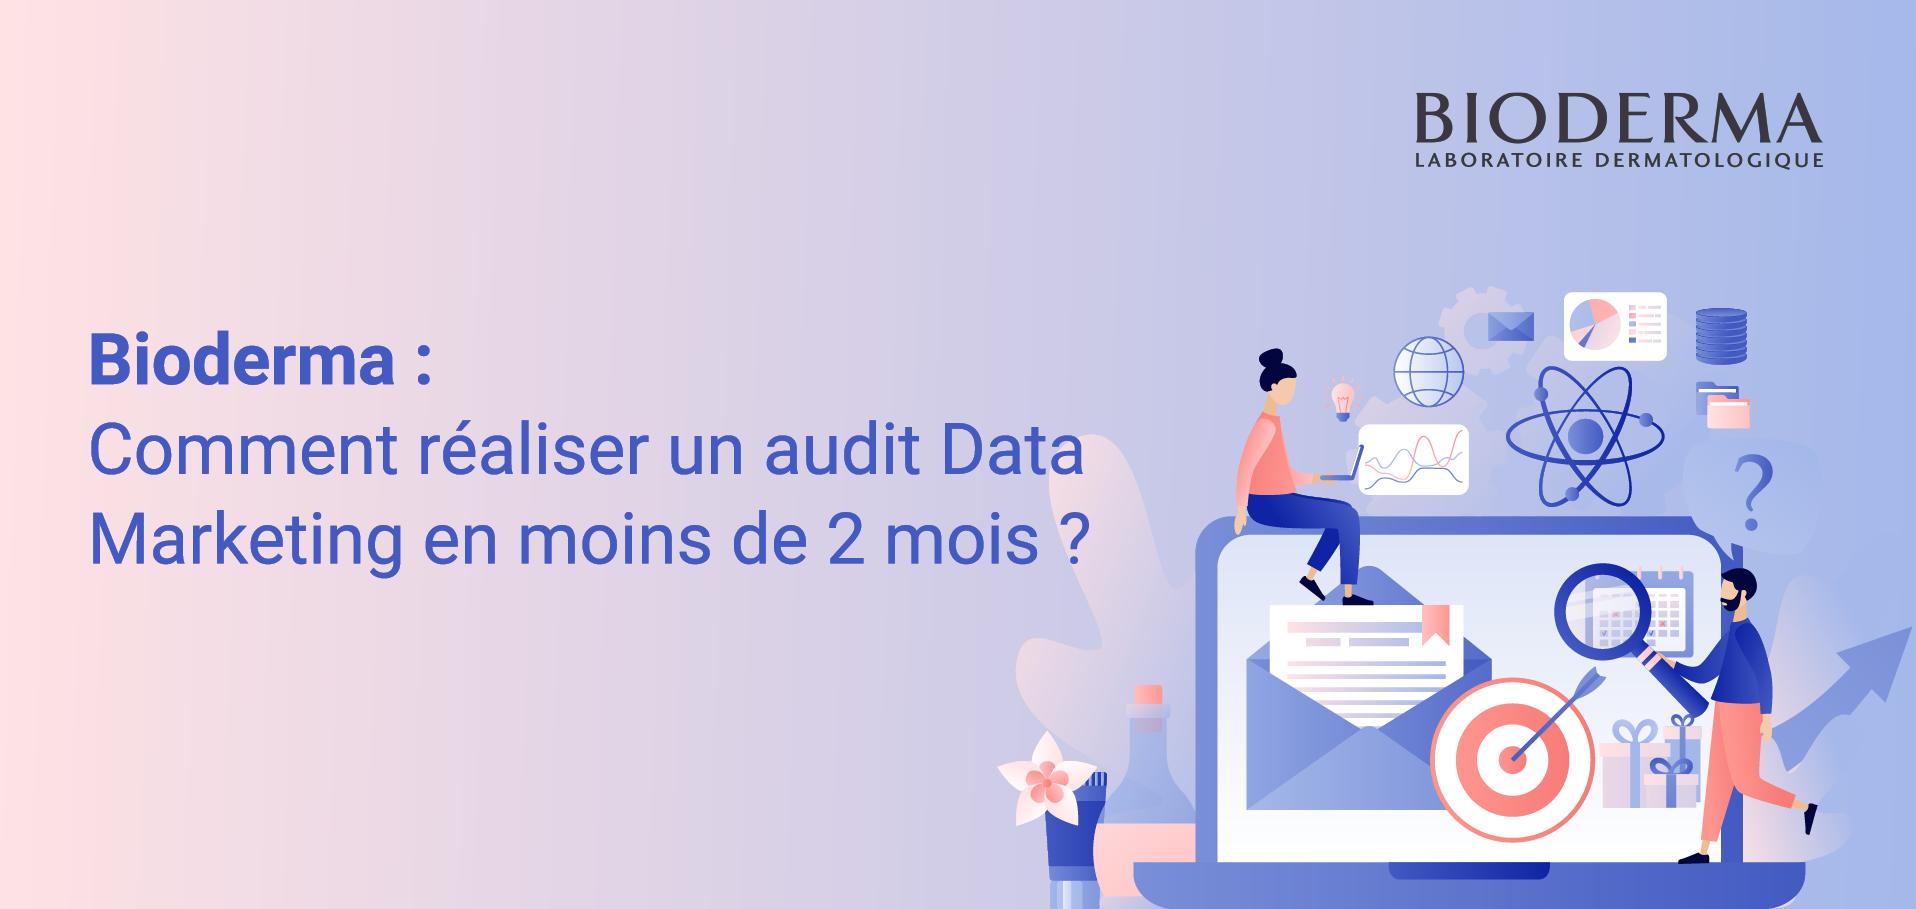 Webinar Bioderma Comment réaliser un audit Data Marketing en moins de 2 mois